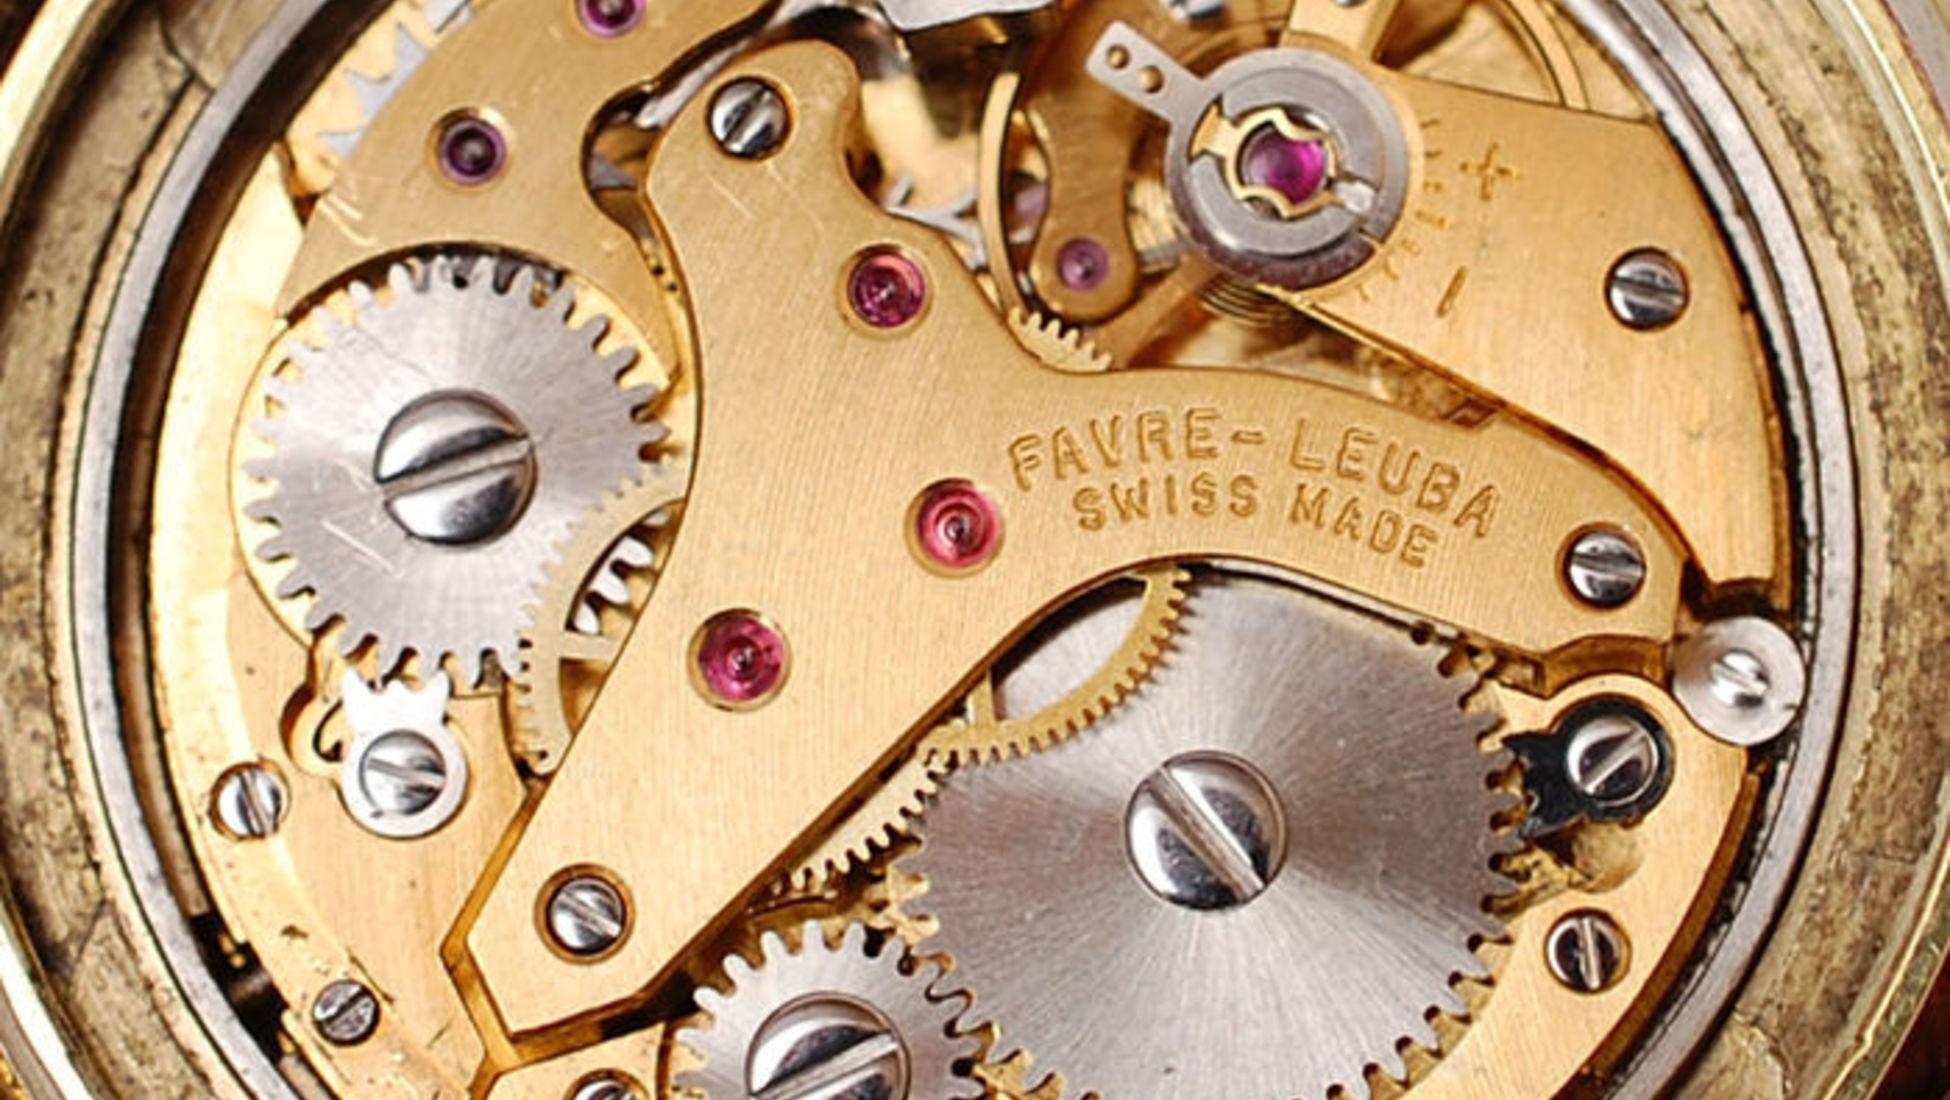 c6fe05711f7 Devido à crise registada na indústria relojoeira Suíça